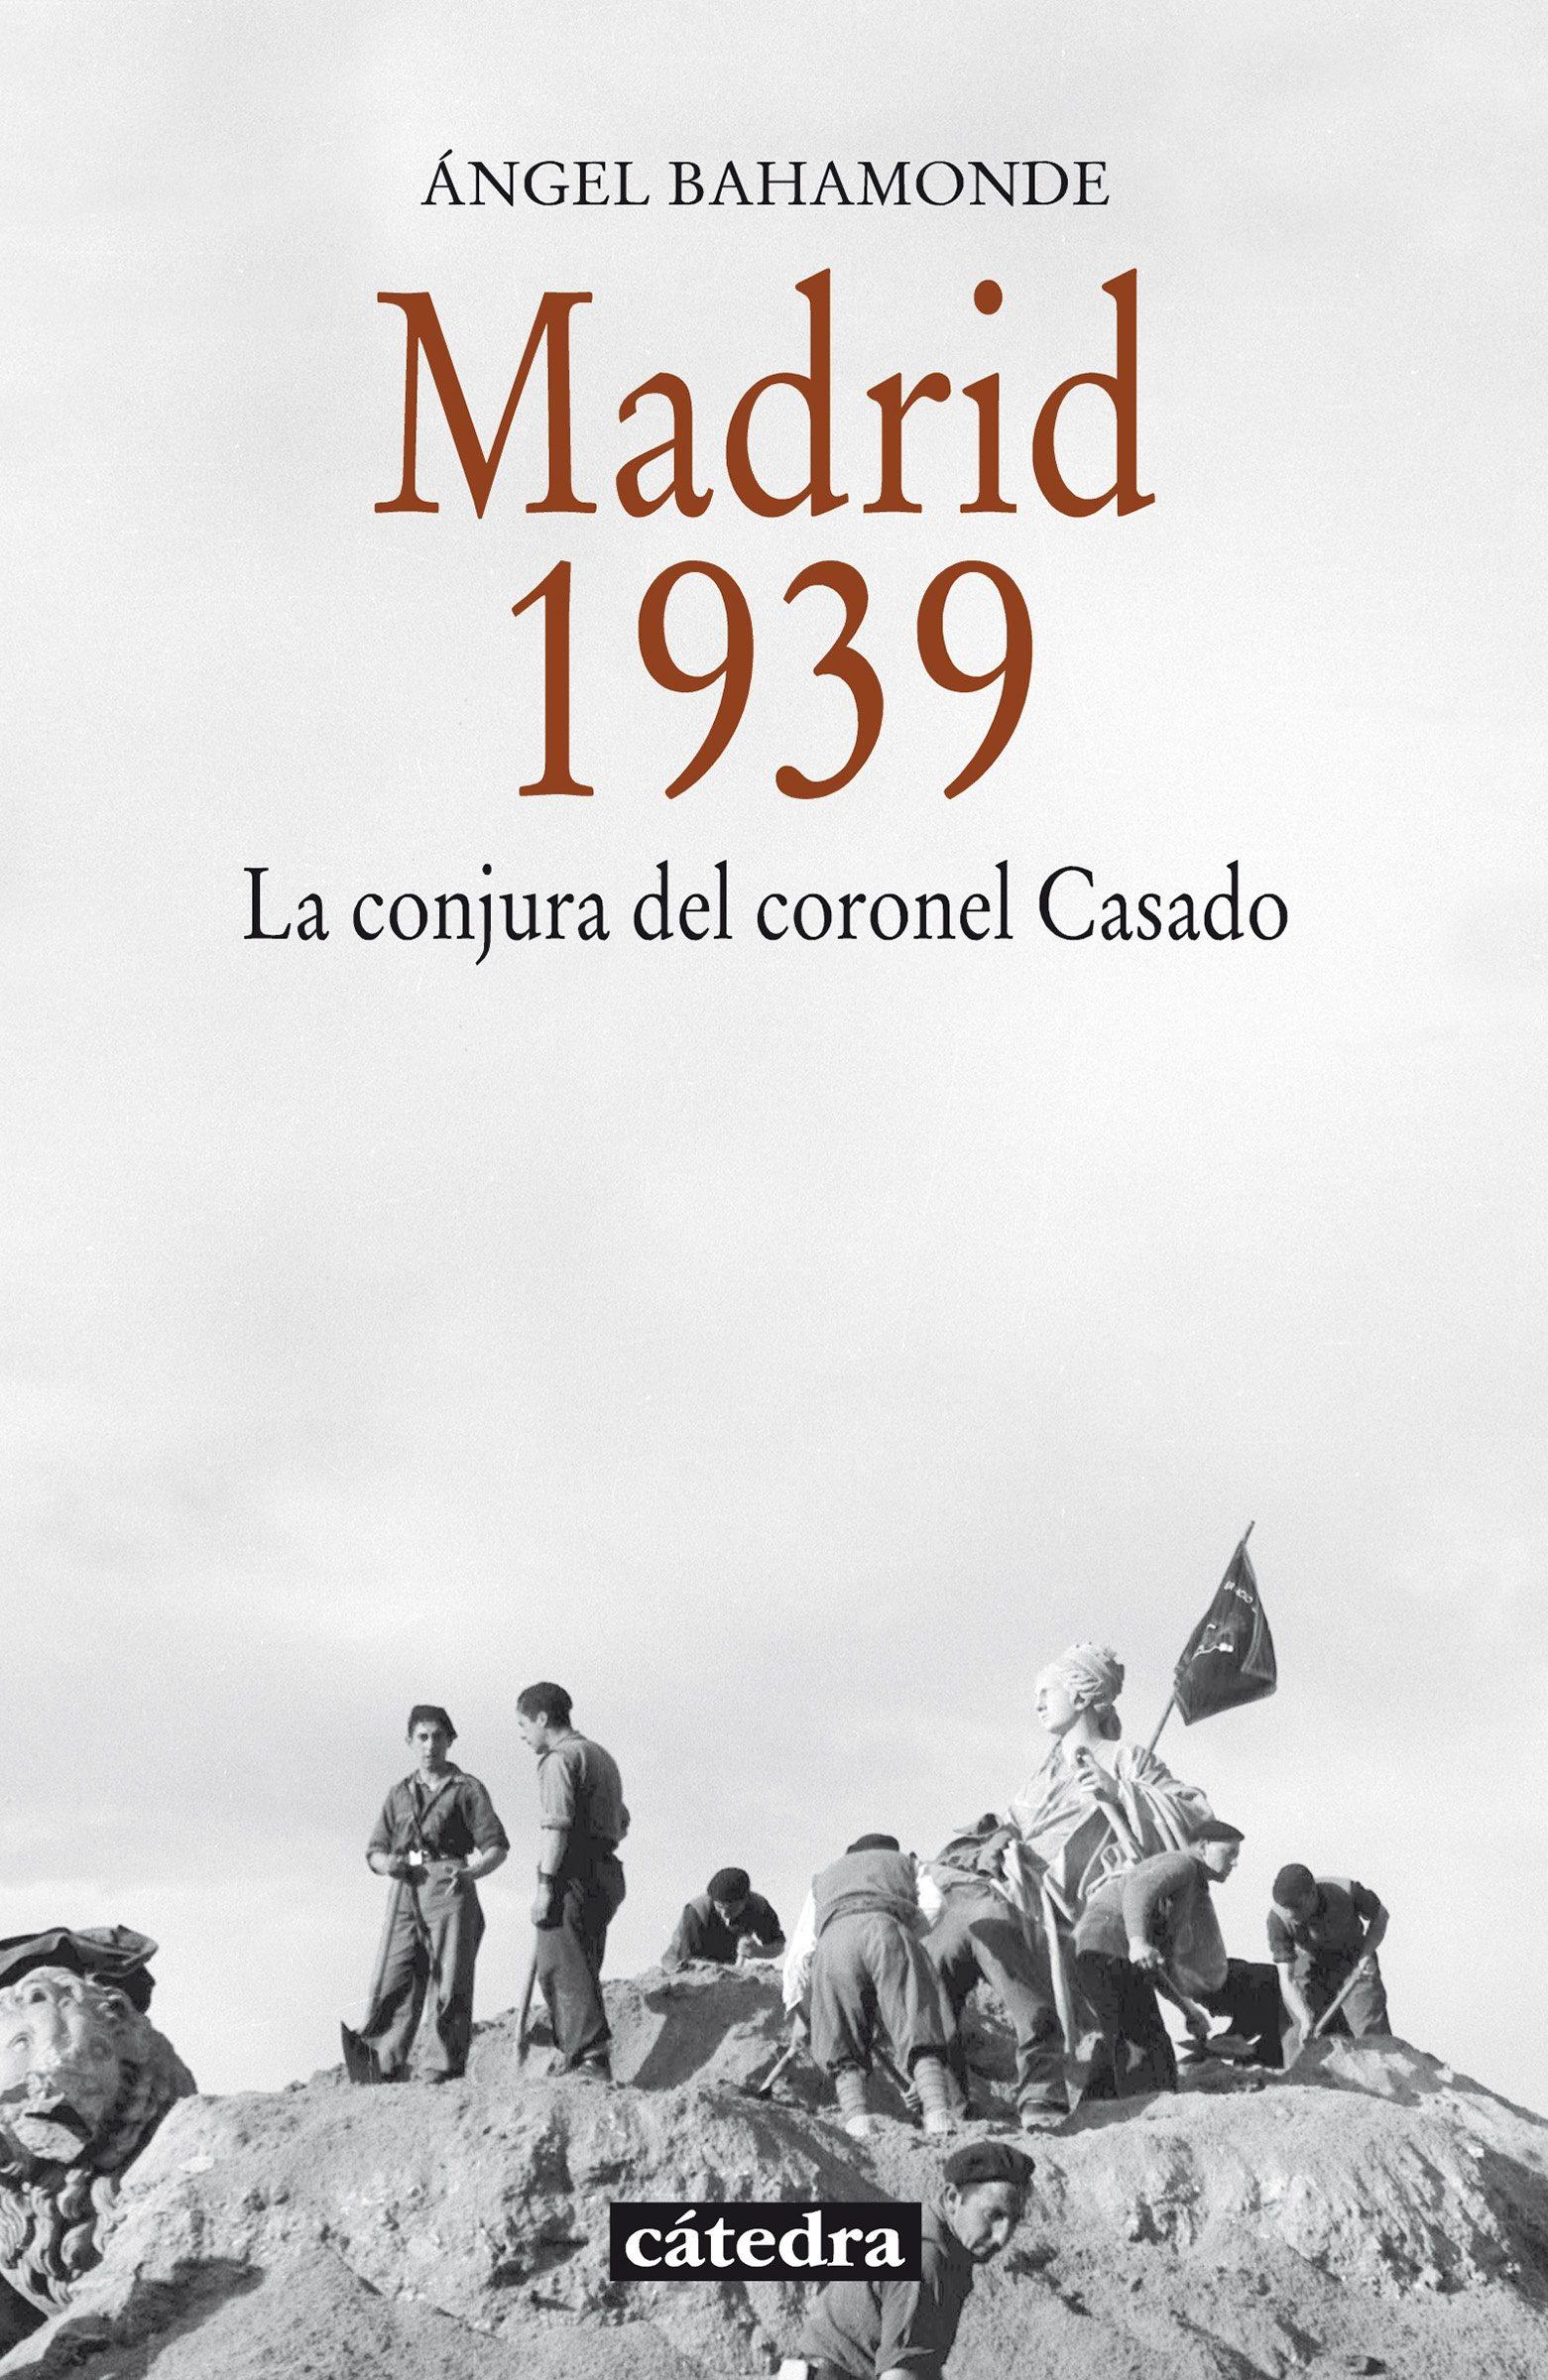 Madrid 1939 ebook angel bahamonde magro 9788437632735